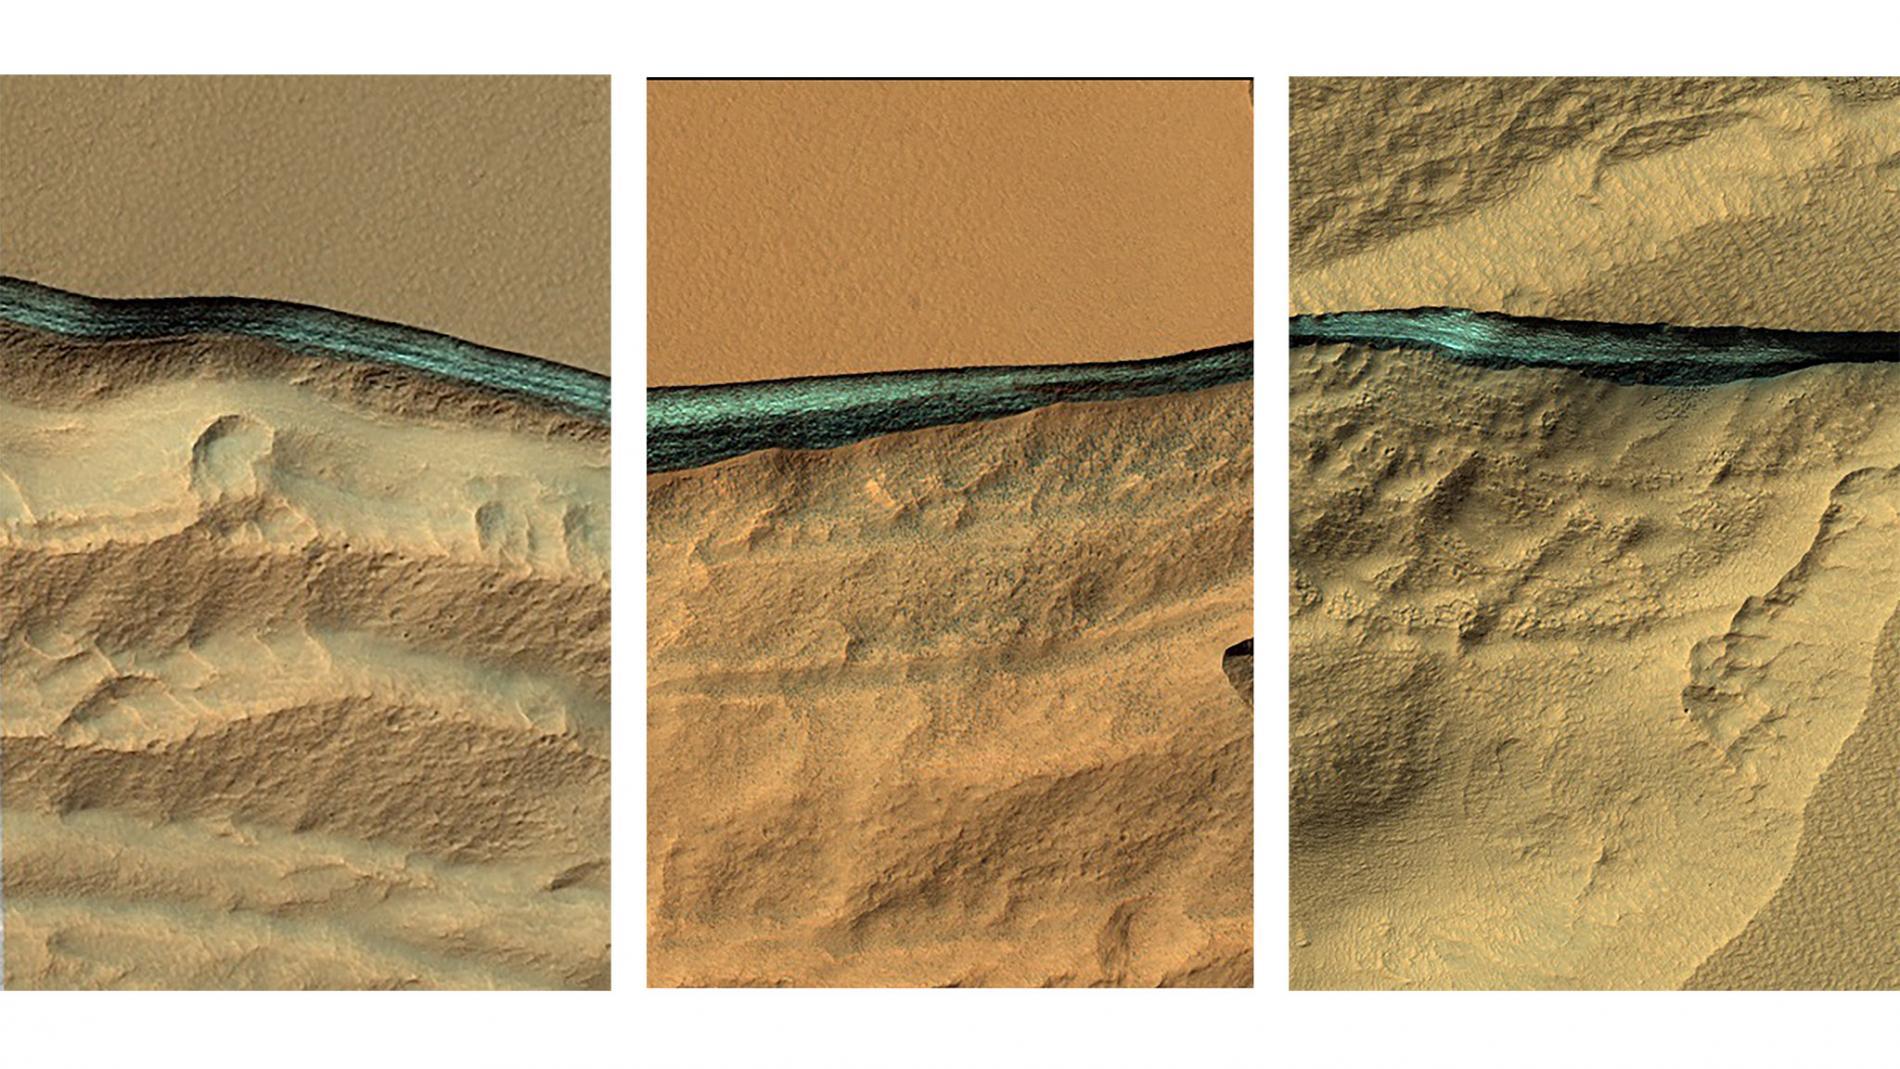 Orillas erosionadas en Marte